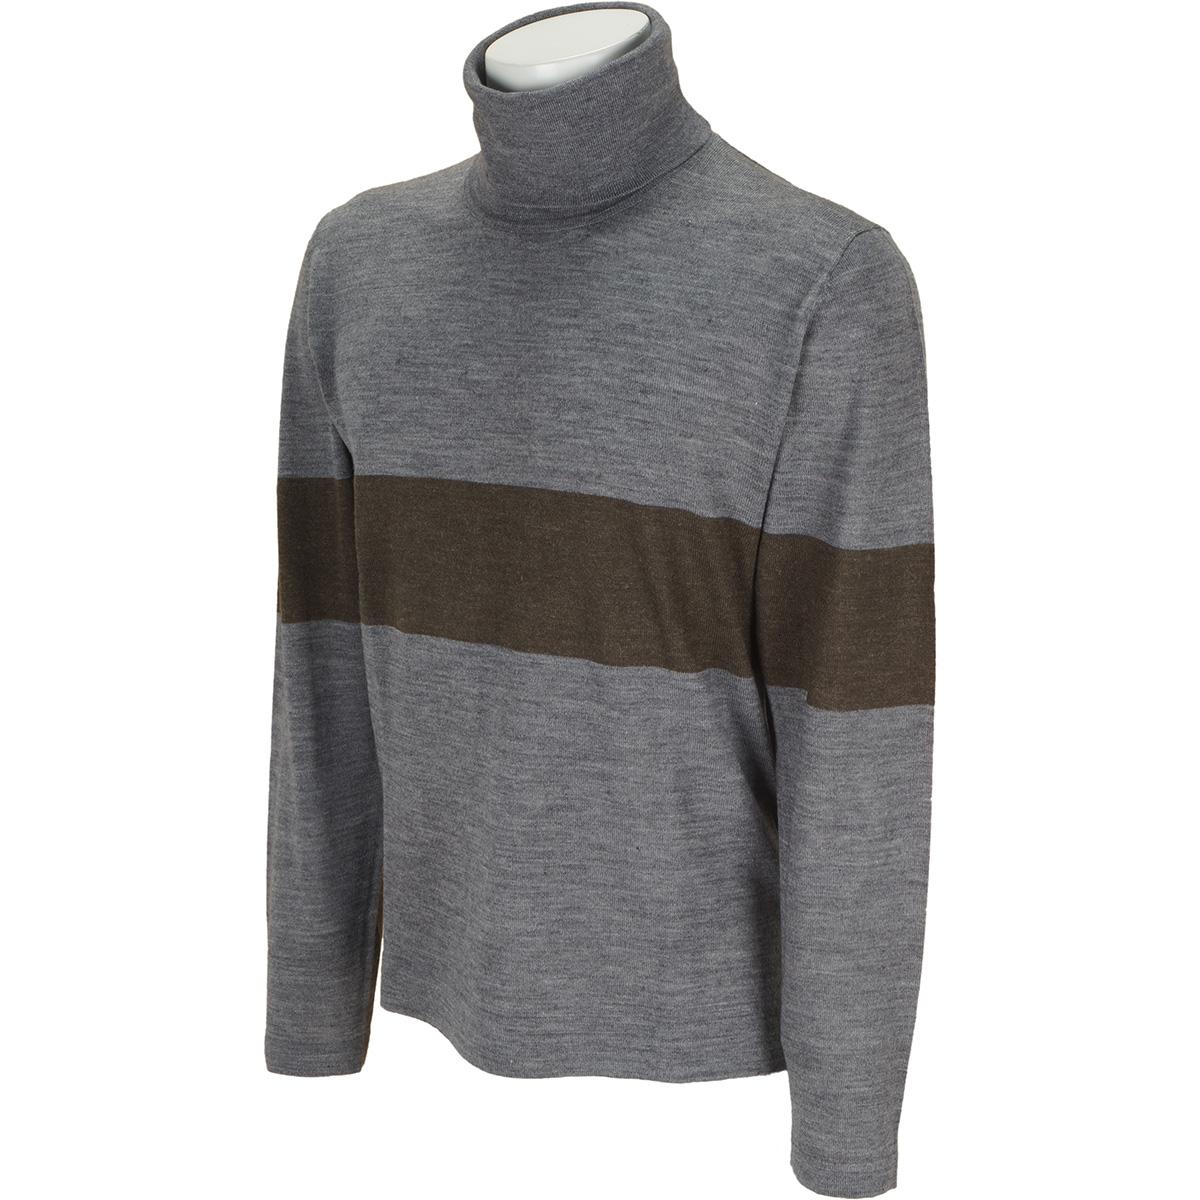 ハイゲージ タートルネックセーター